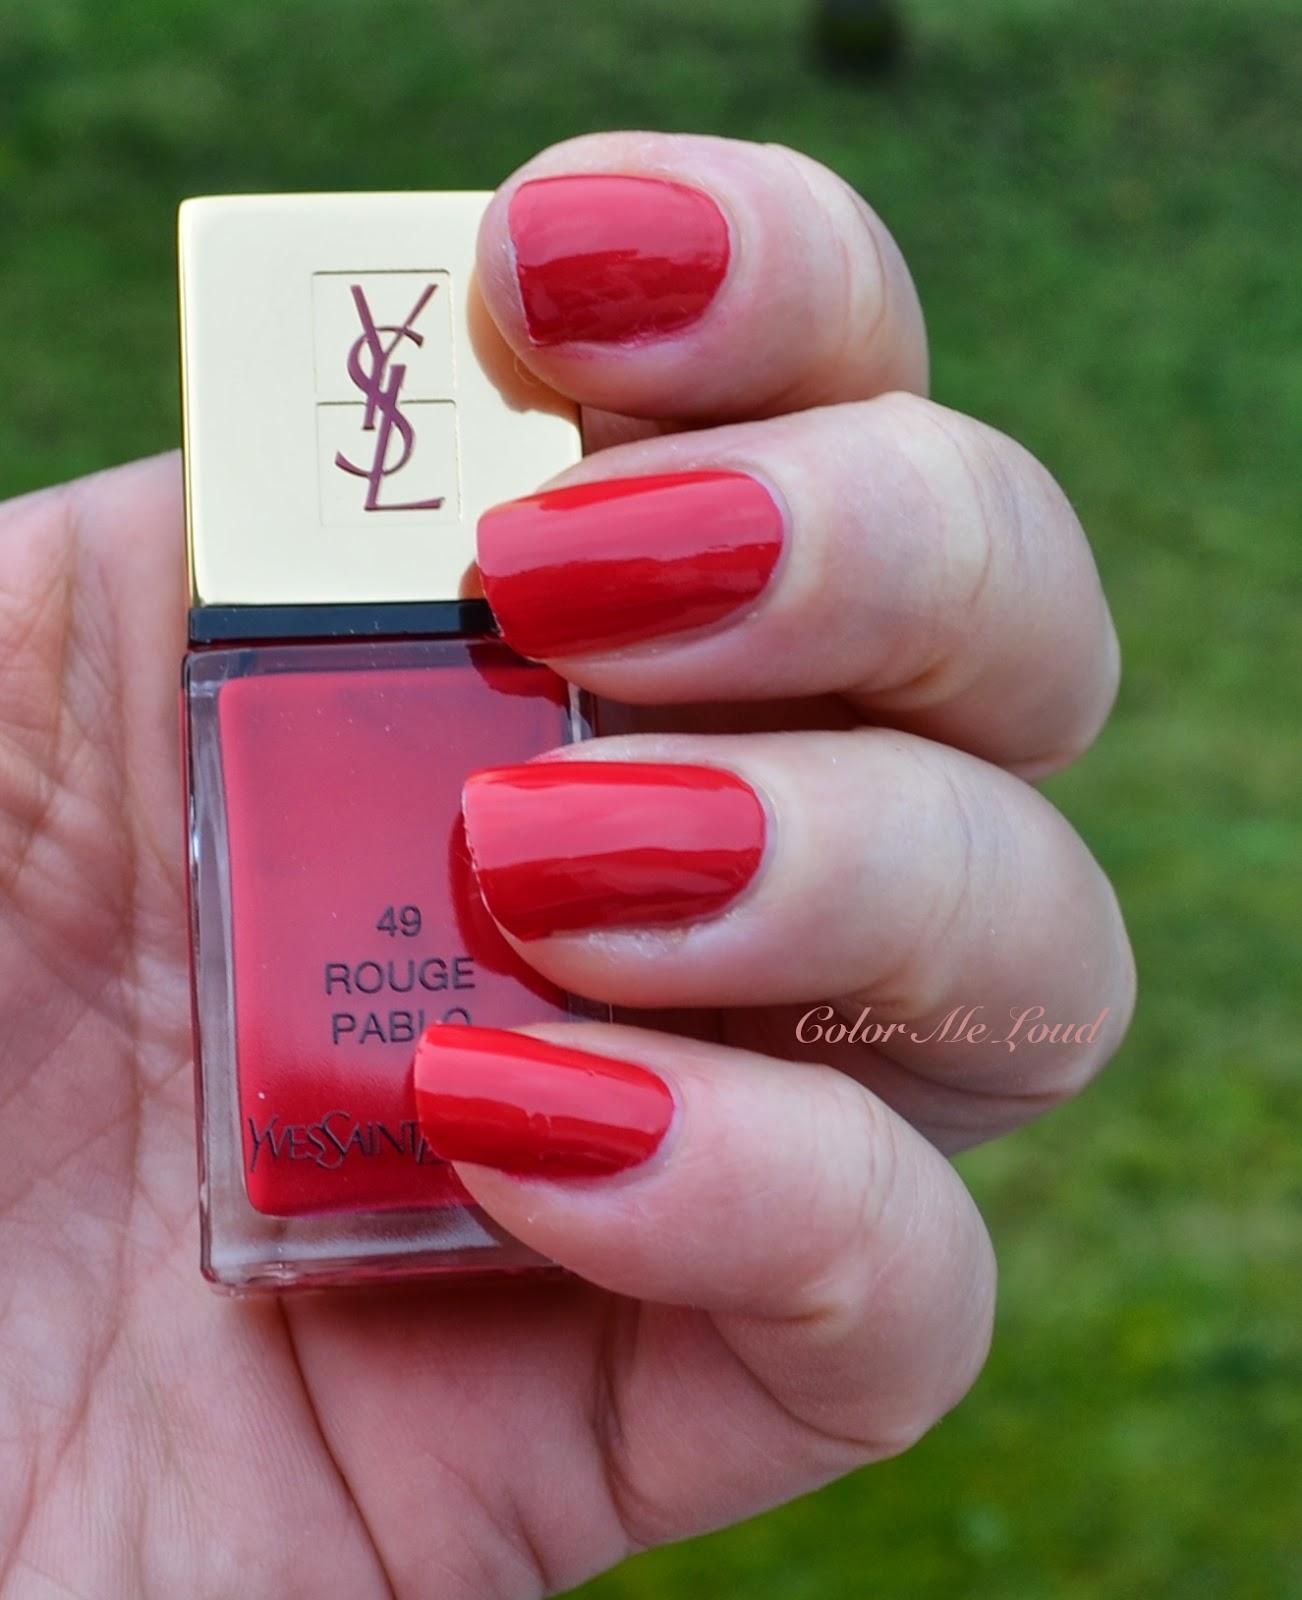 Yves Saint Laurent La Laque Couture #48 Rose Scabiosa, #49